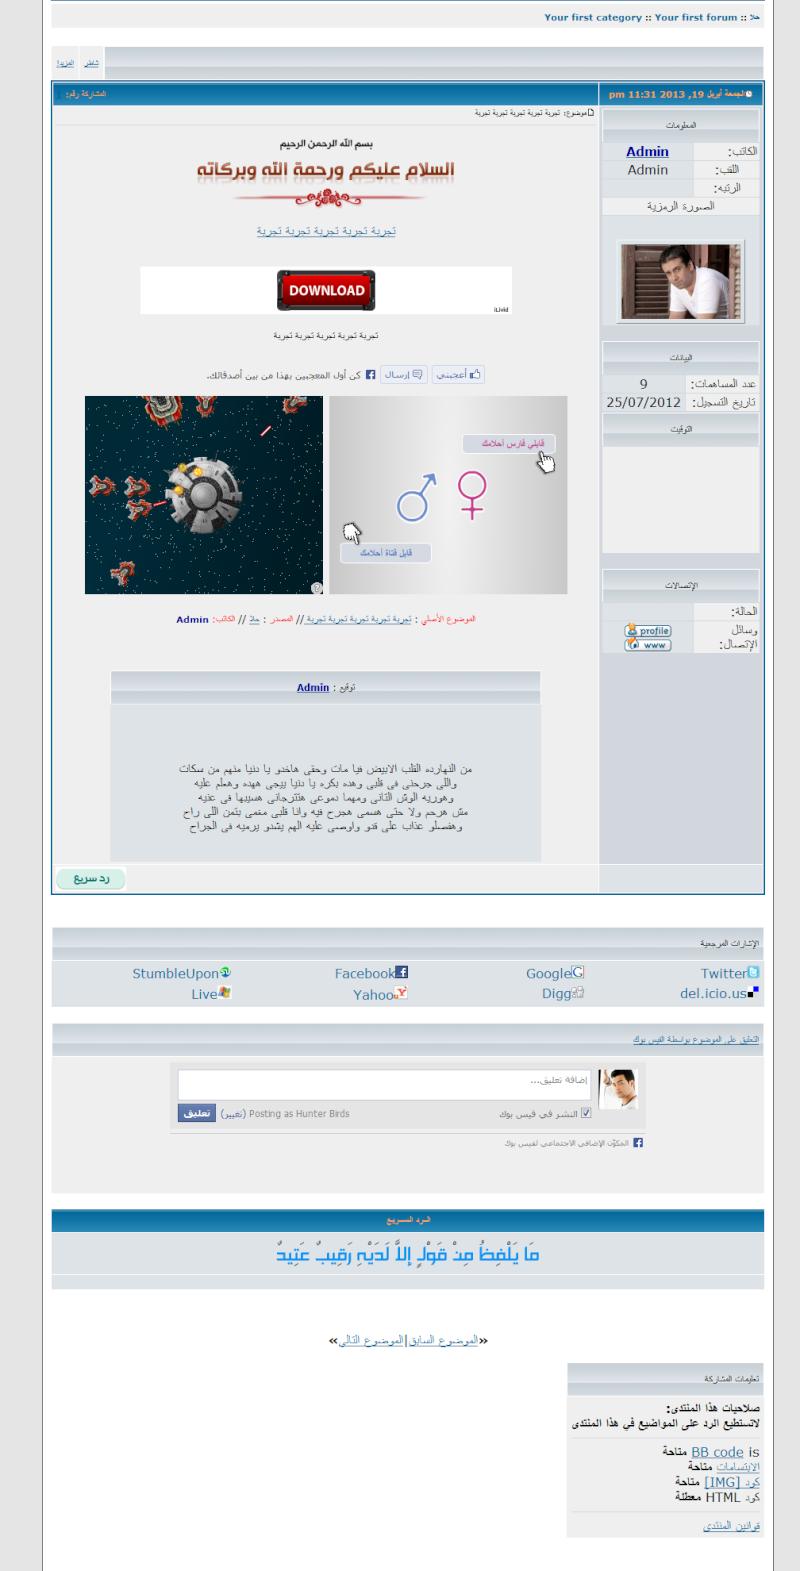 تومبلايت قوالب viewtopic_bodyمعاينة المواضيع الرائع مثل vb تعمل مع الاستايلات العاديه 01-05-11